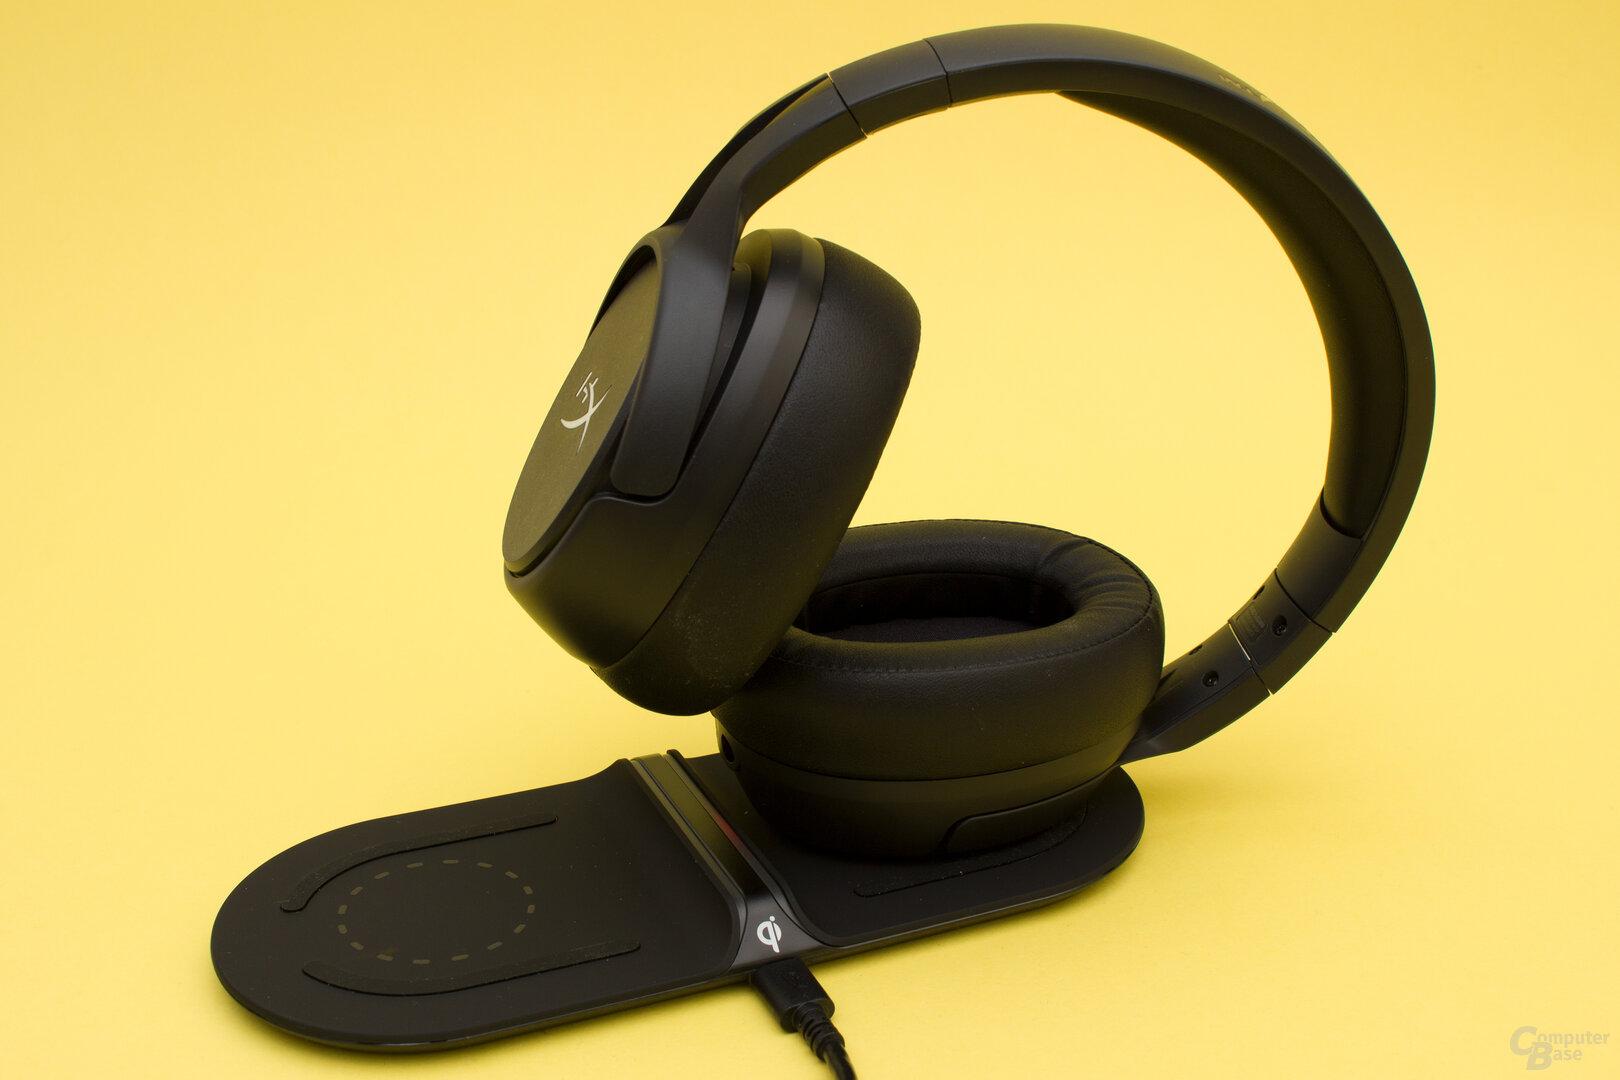 Das Headset lässt sich sowohl kabellos wie auch per USB-Kabel laden